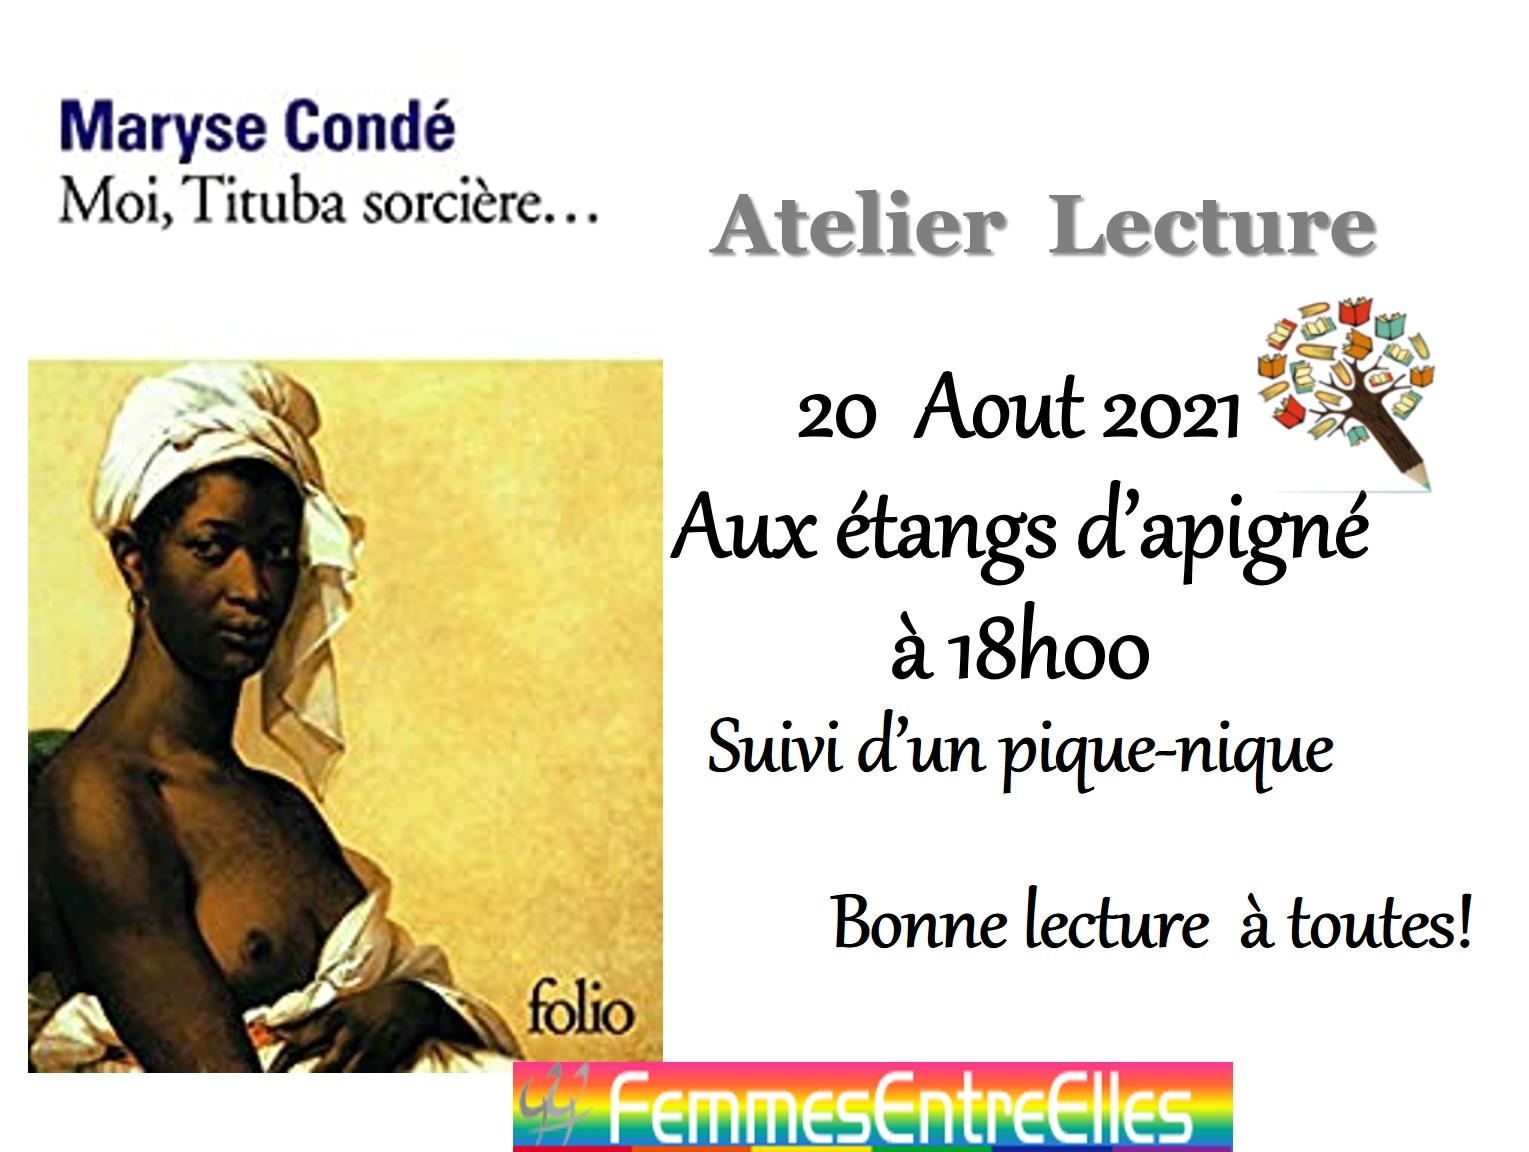 [FEE] Atelier lecture estival le 20 Aout 2021, 18h, Etangs d'Apigné